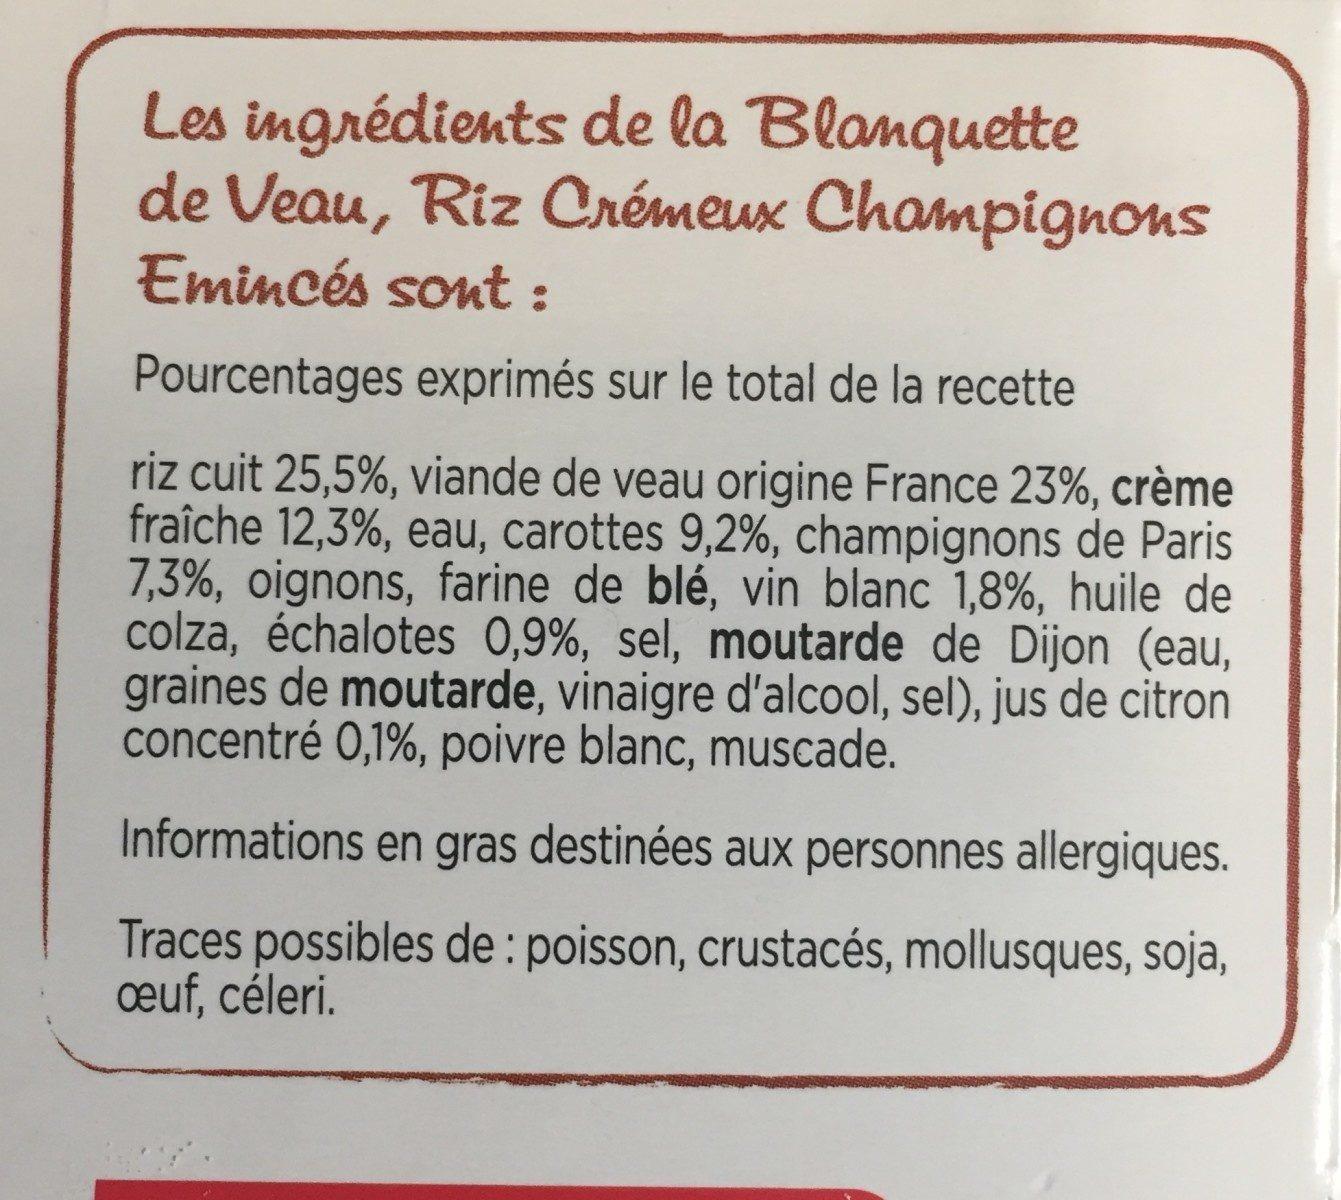 Blanquette de Veau, Riz Crémeux, Champignons eminces - Ingrediënten